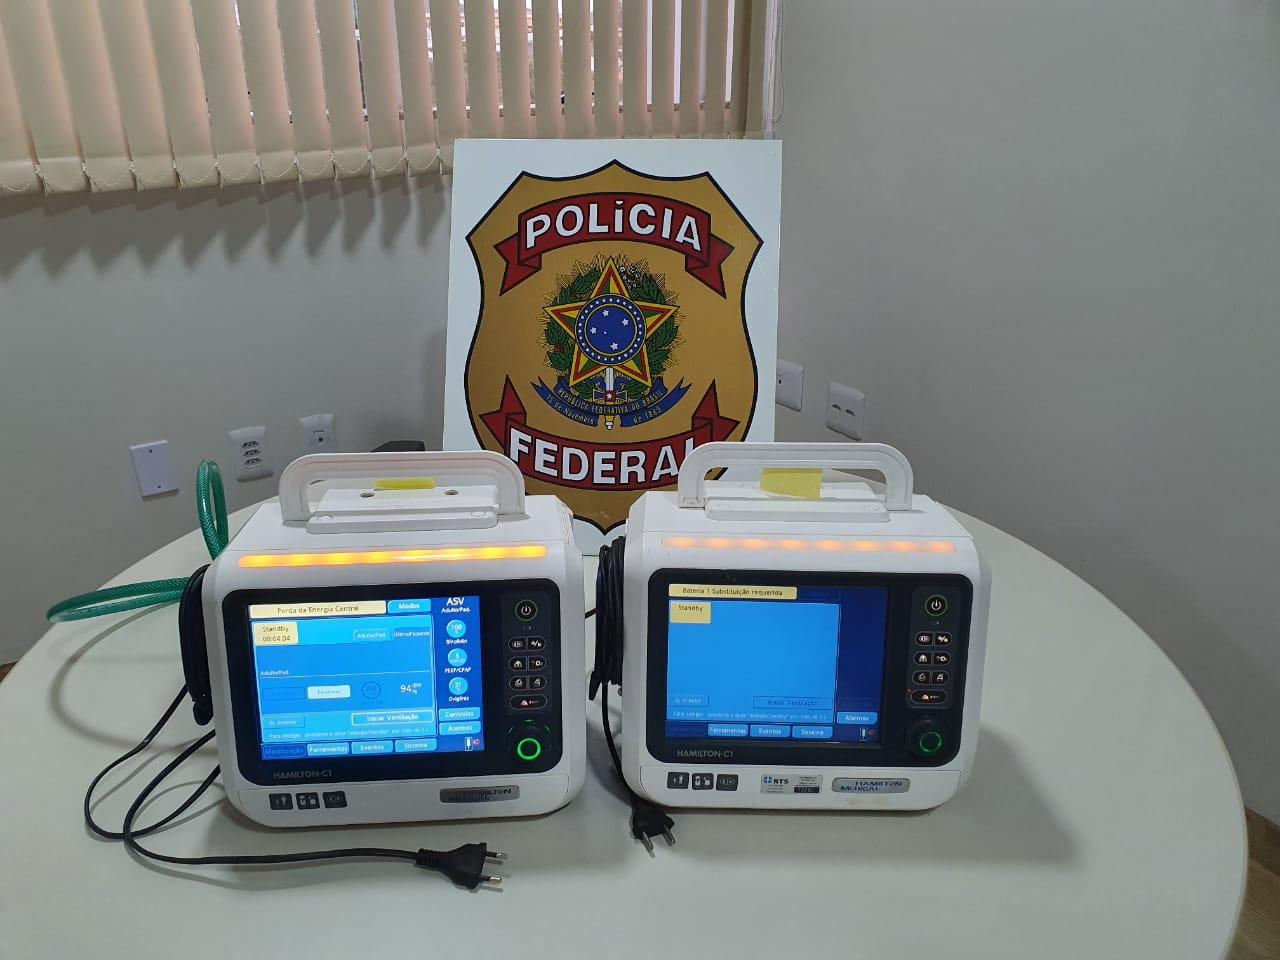 Respiradores recuperados pela polícia - Foto: Divulgação/PF